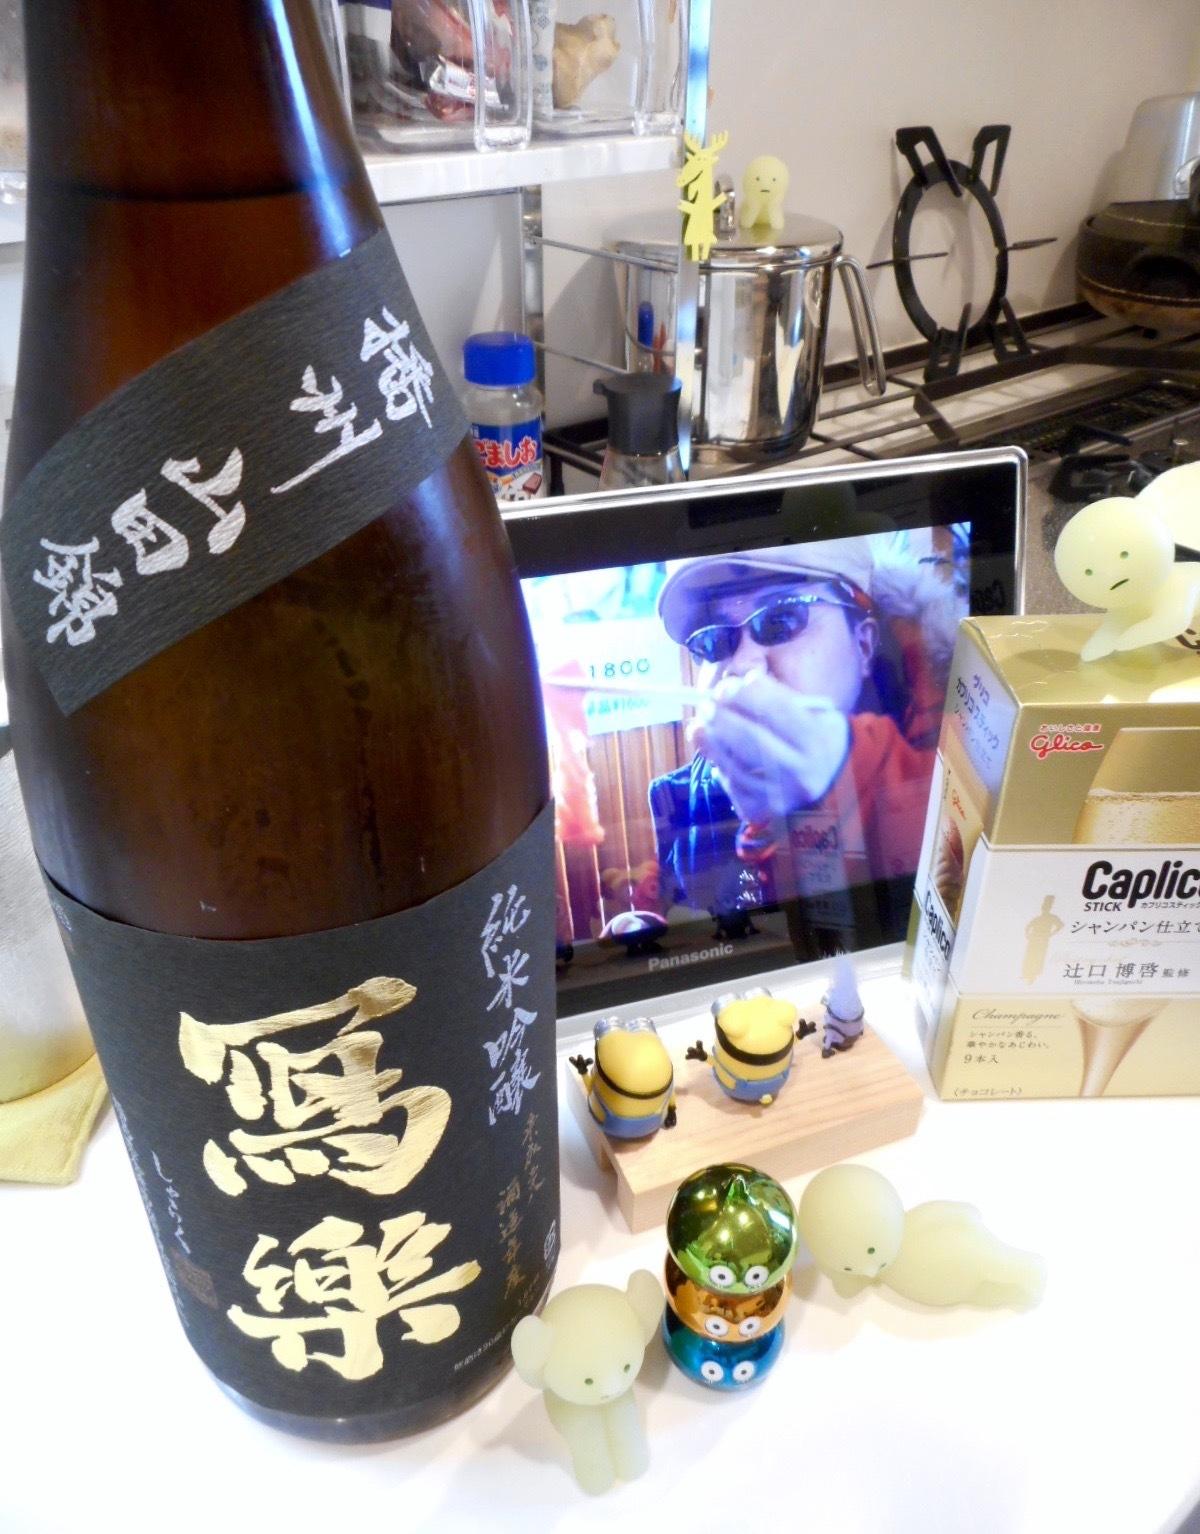 sharaku_yamada50nama28by3.jpg